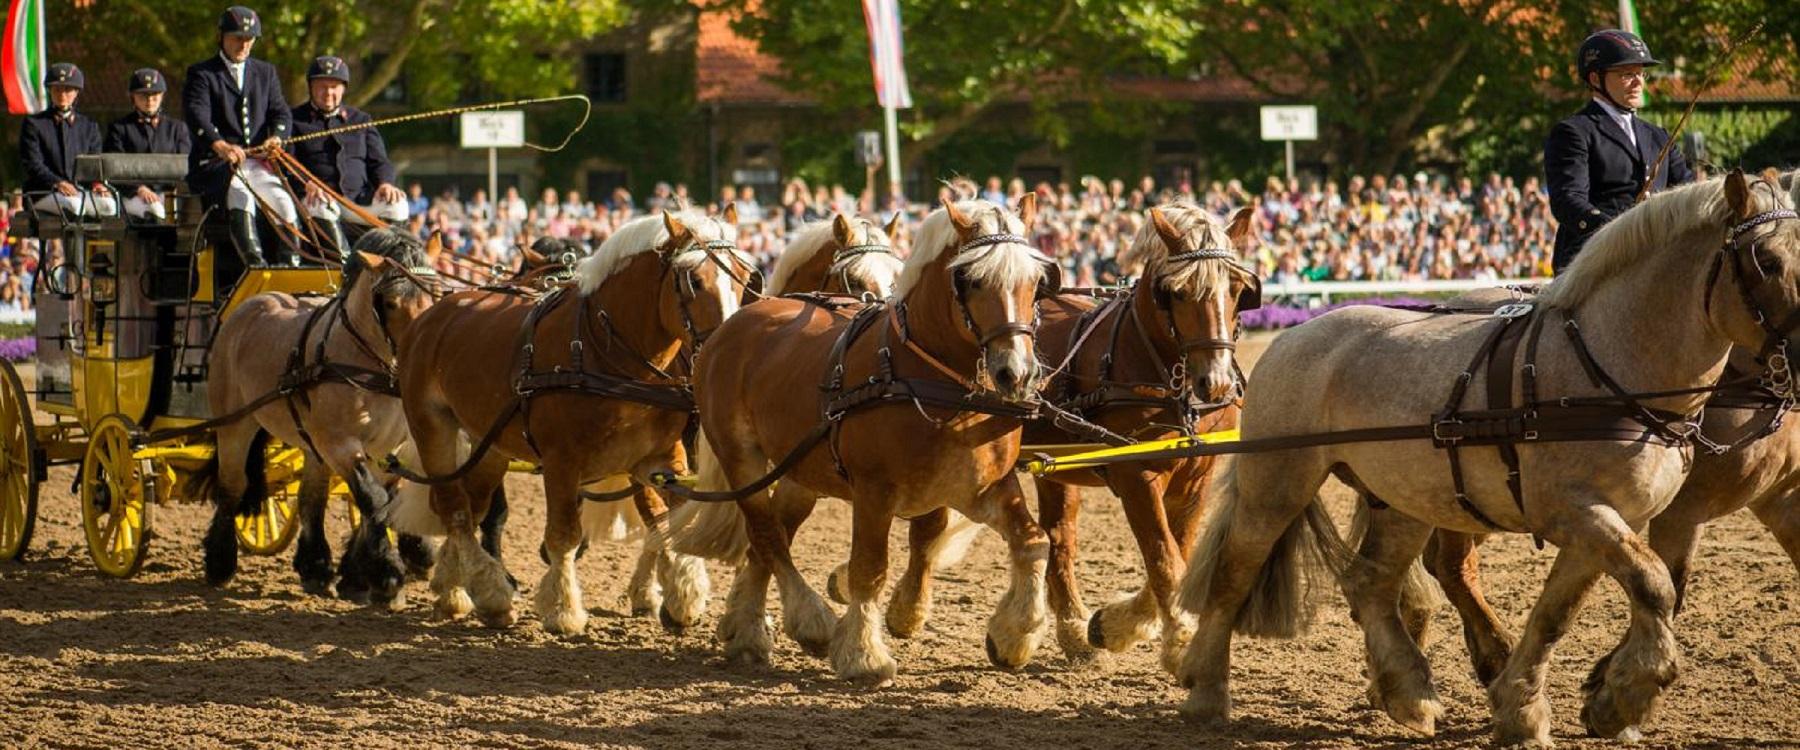 (c) Spaß am Pferd